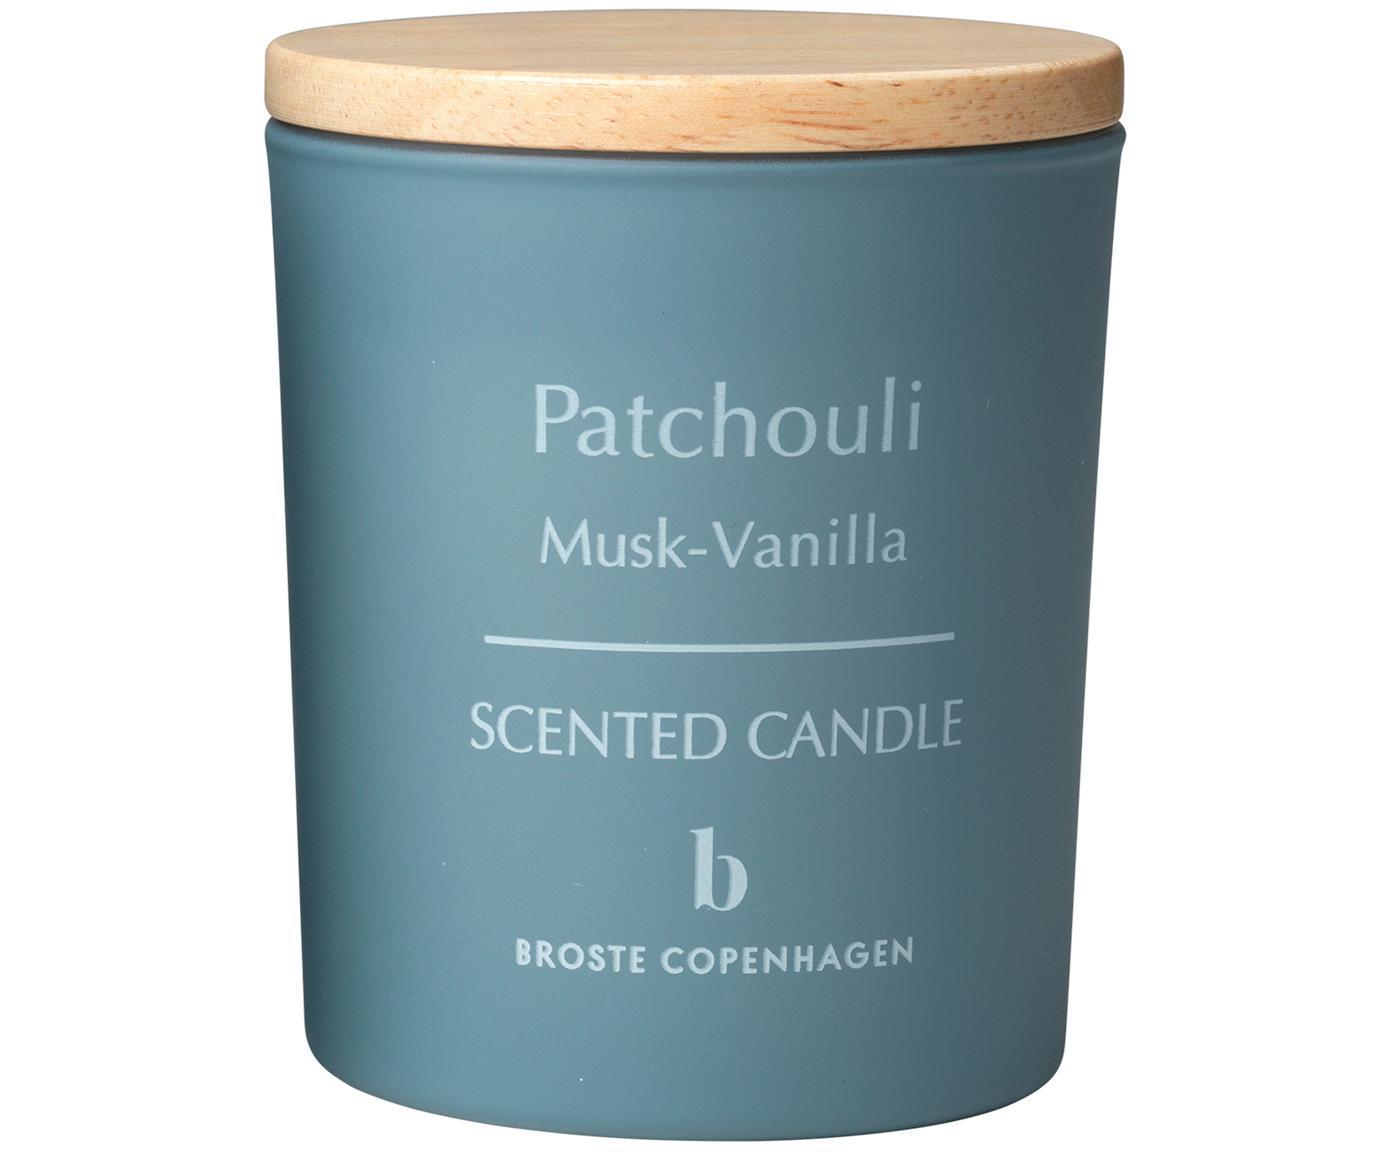 Duftkerze Patchouli (Moschus, Vanille), Behälter: Glas, Deckel: Holz, Blau, Hellbraun, Ø 7 x H 8 cm